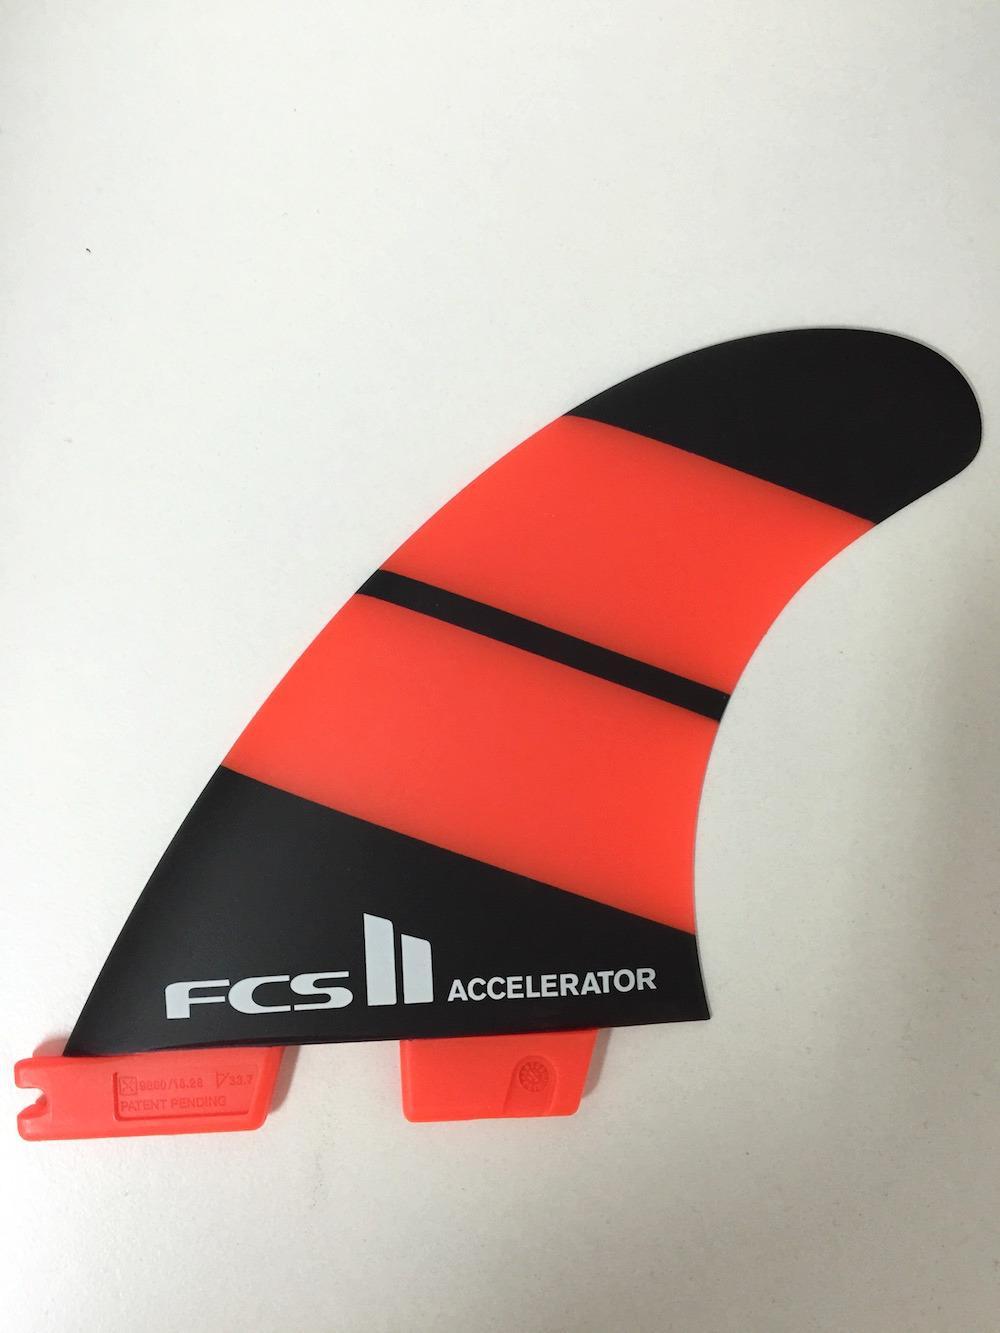 FCS2 ACCELERATOR NEO GLASS Mサイズの画像